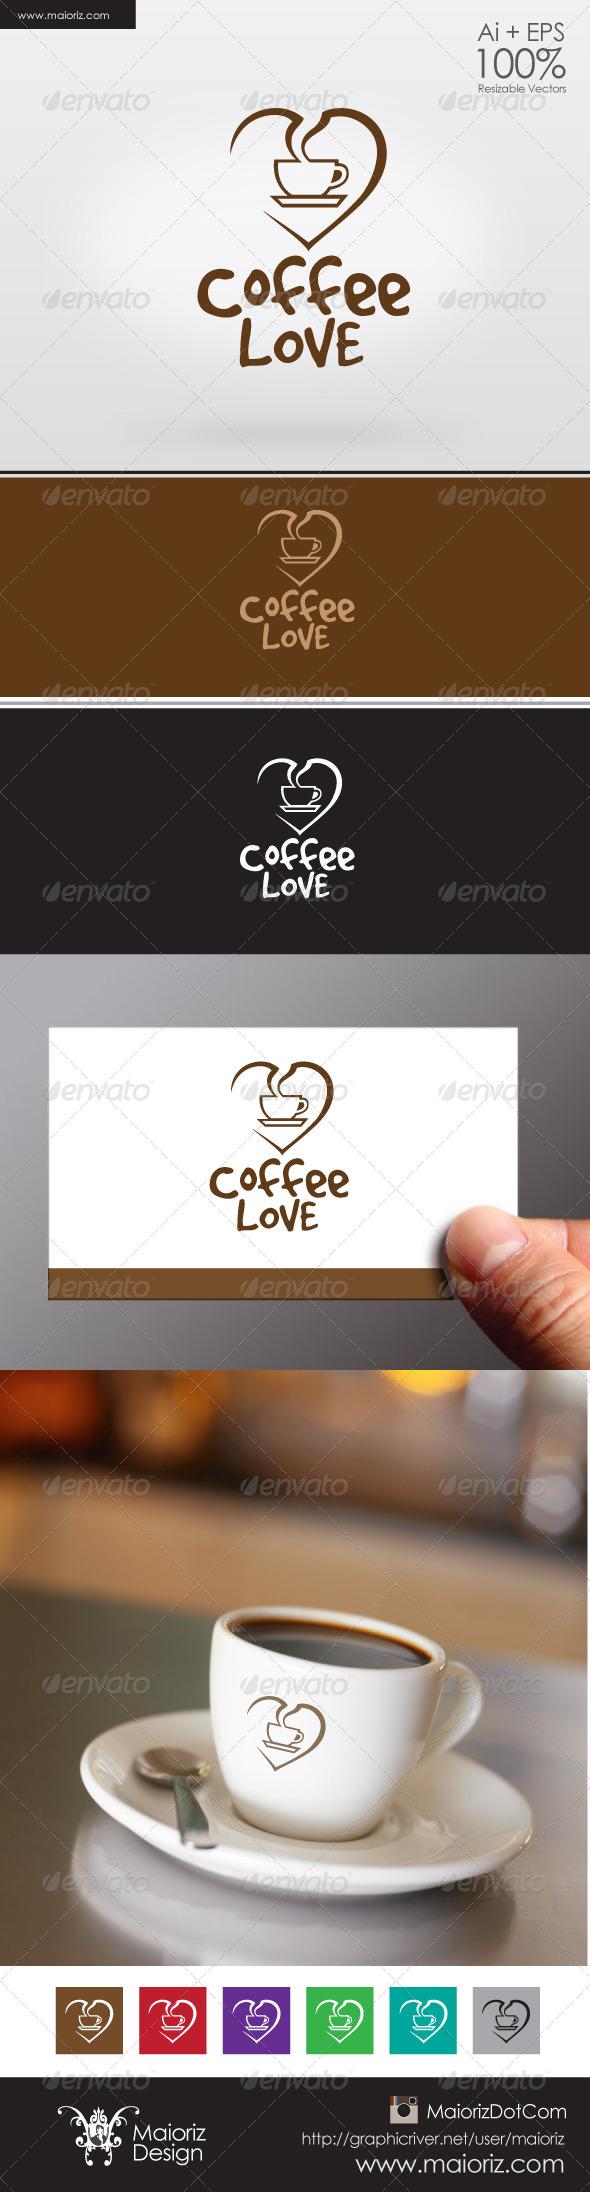 Coffee Lover Logo - Vector Abstract